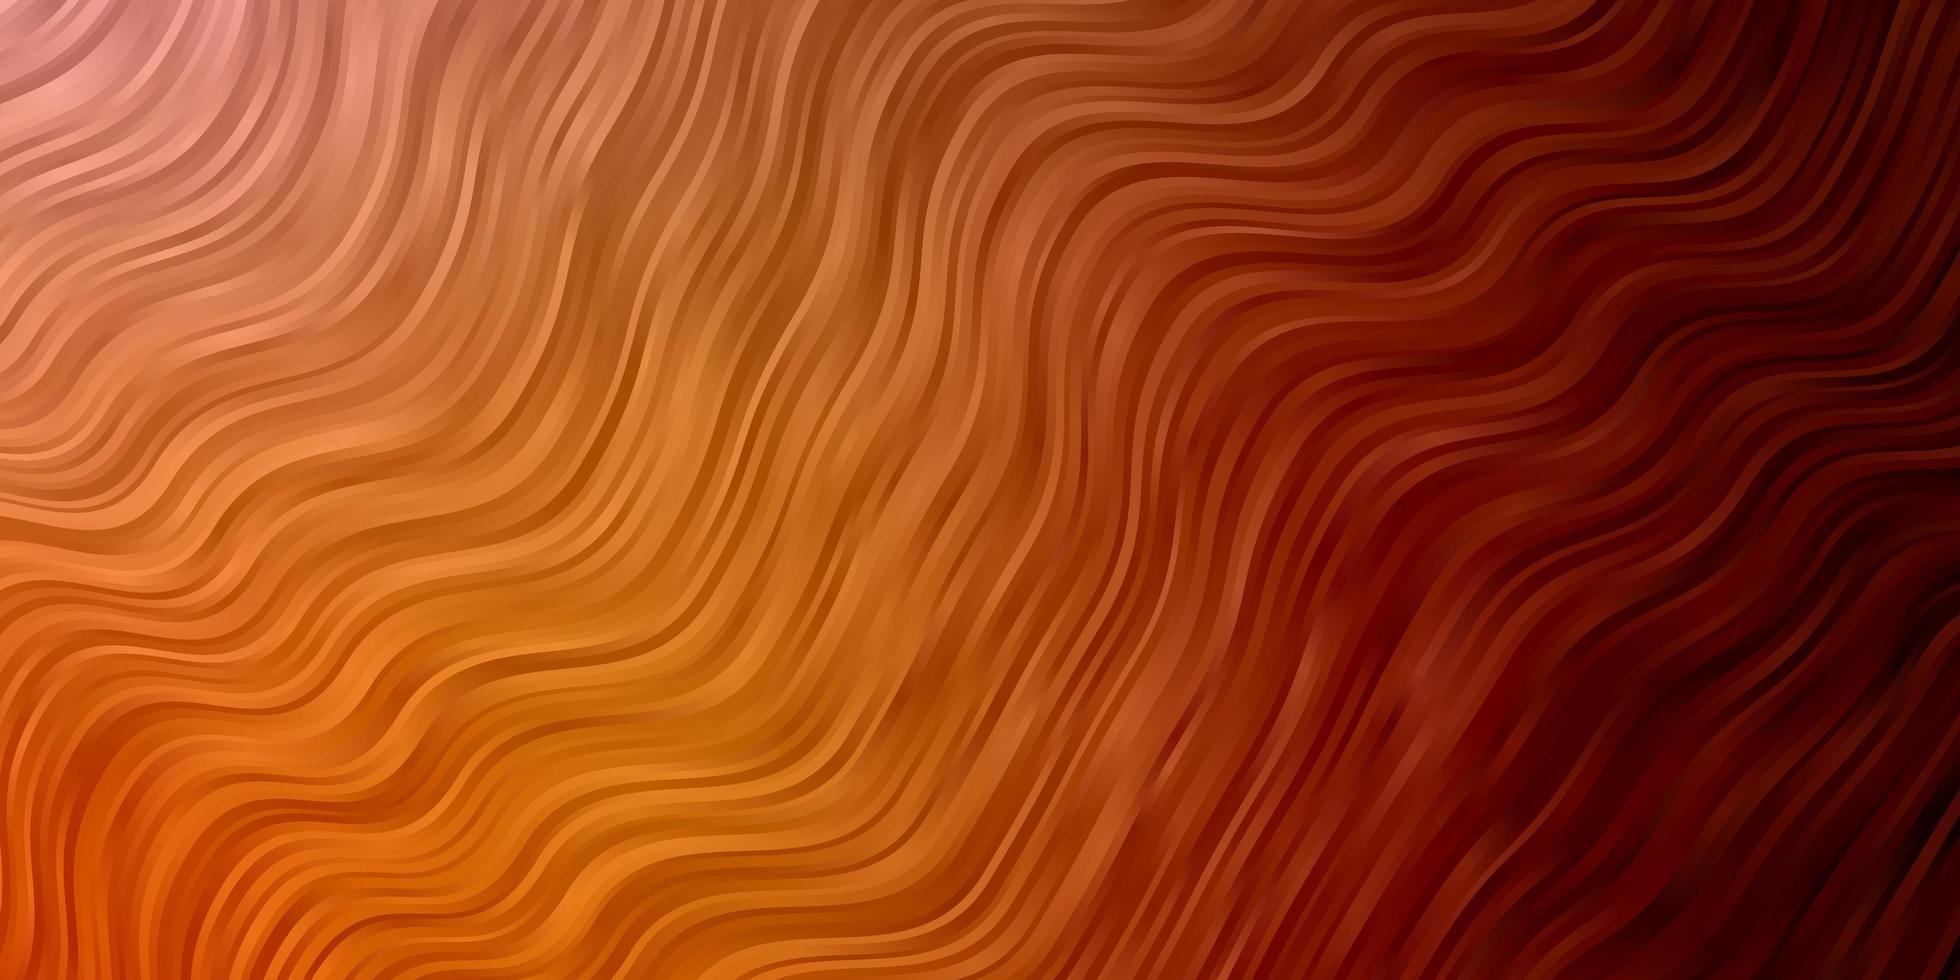 trama vettoriale arancione chiaro con arco circolare.